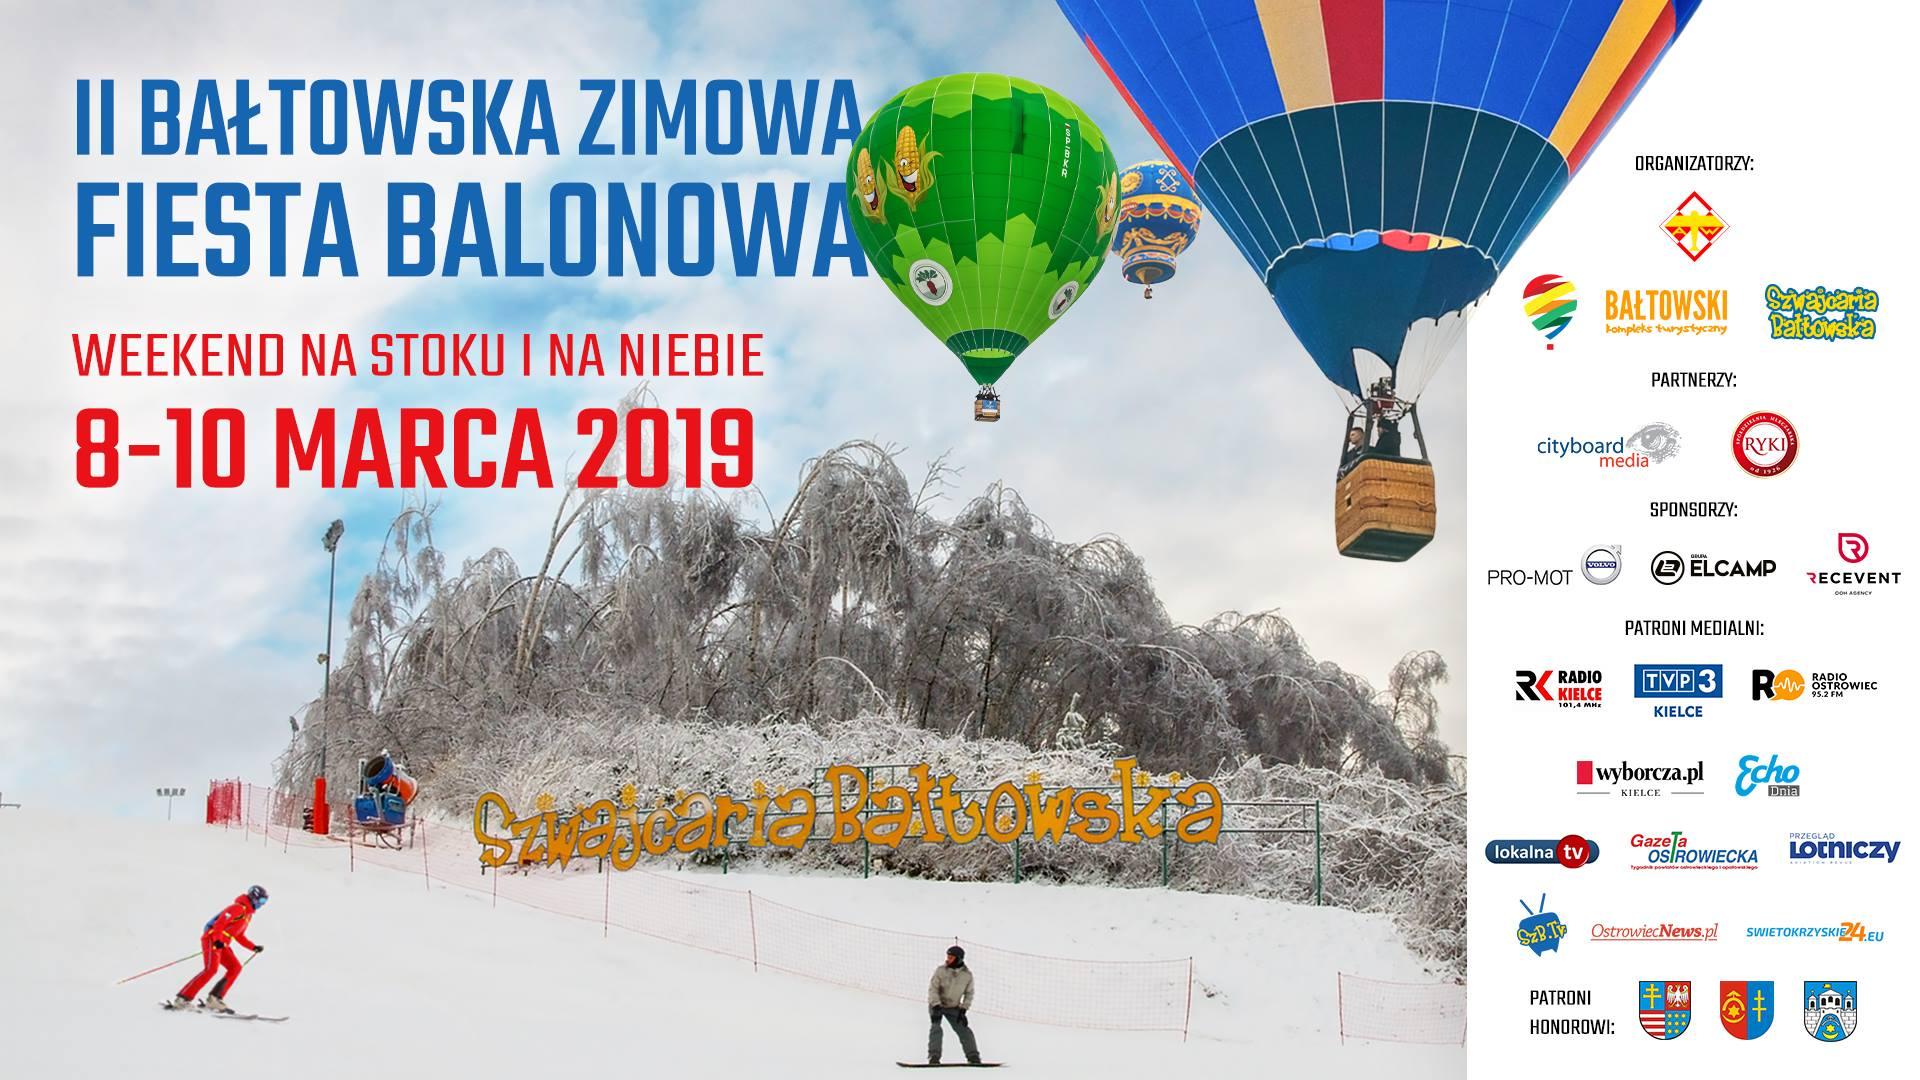 Bałtowska Zimowa Fiesta Balonowa